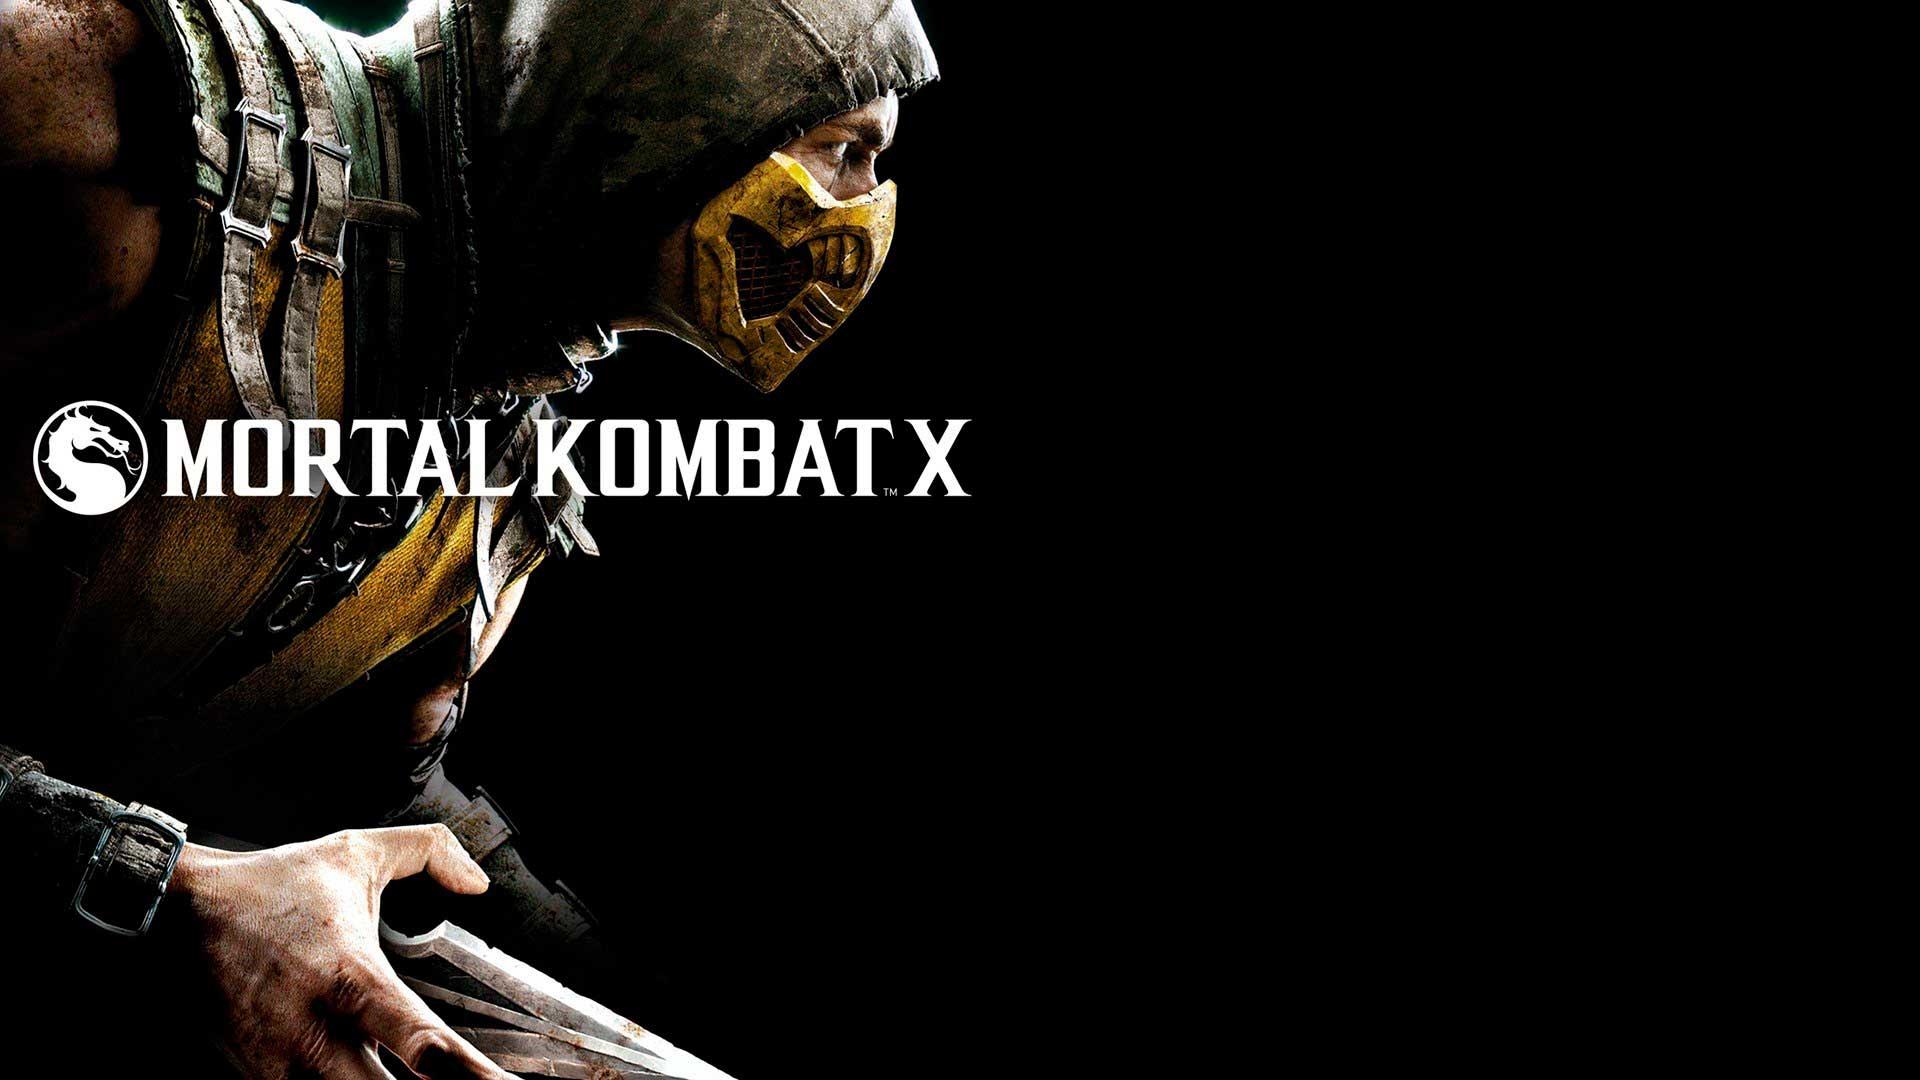 La versión de Mortal Kombat X para Xbox 360 y PS3 ha sido cancelada